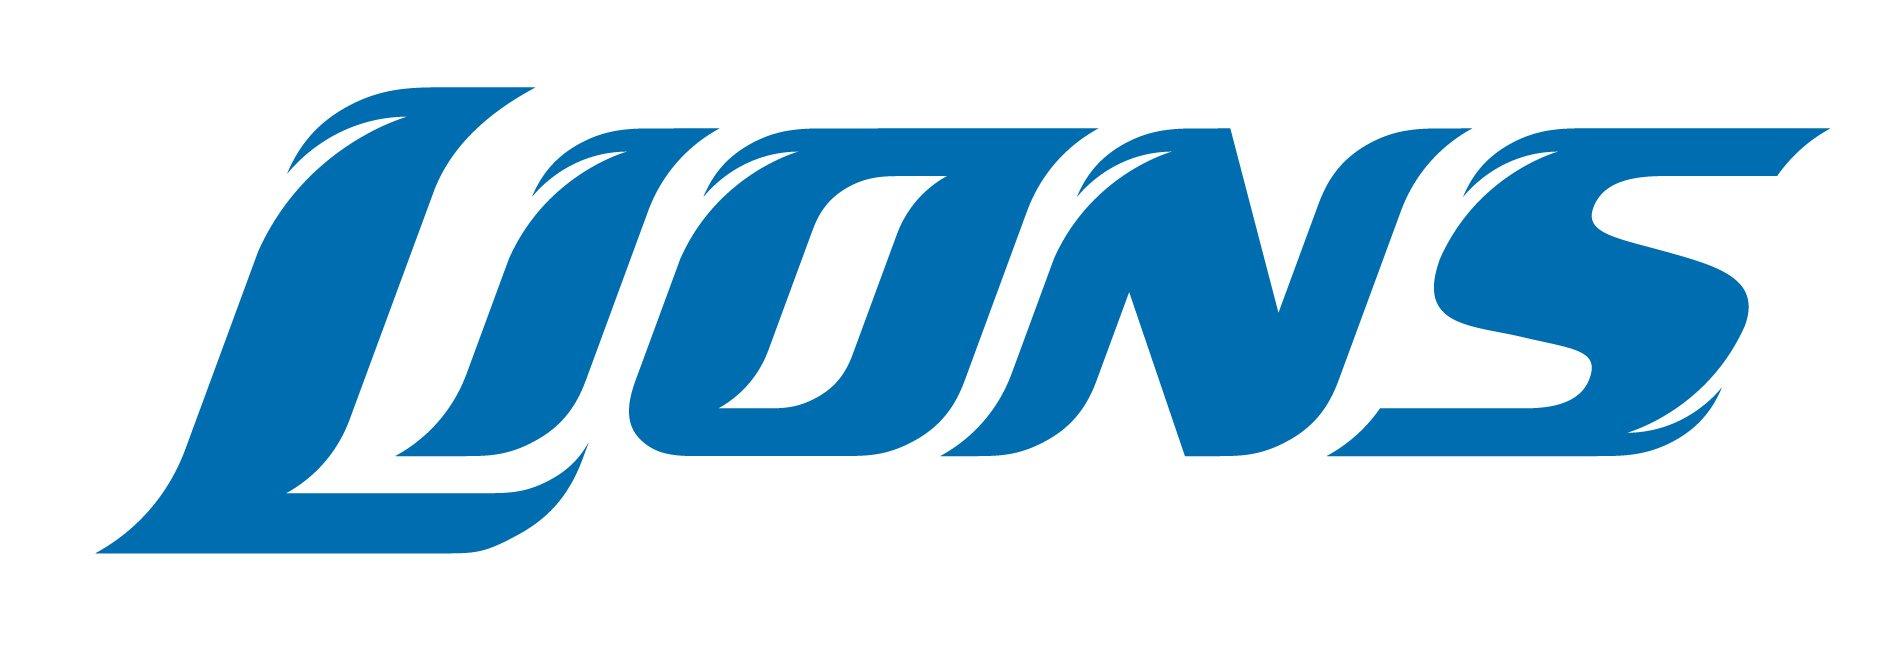 font detroit lions logo